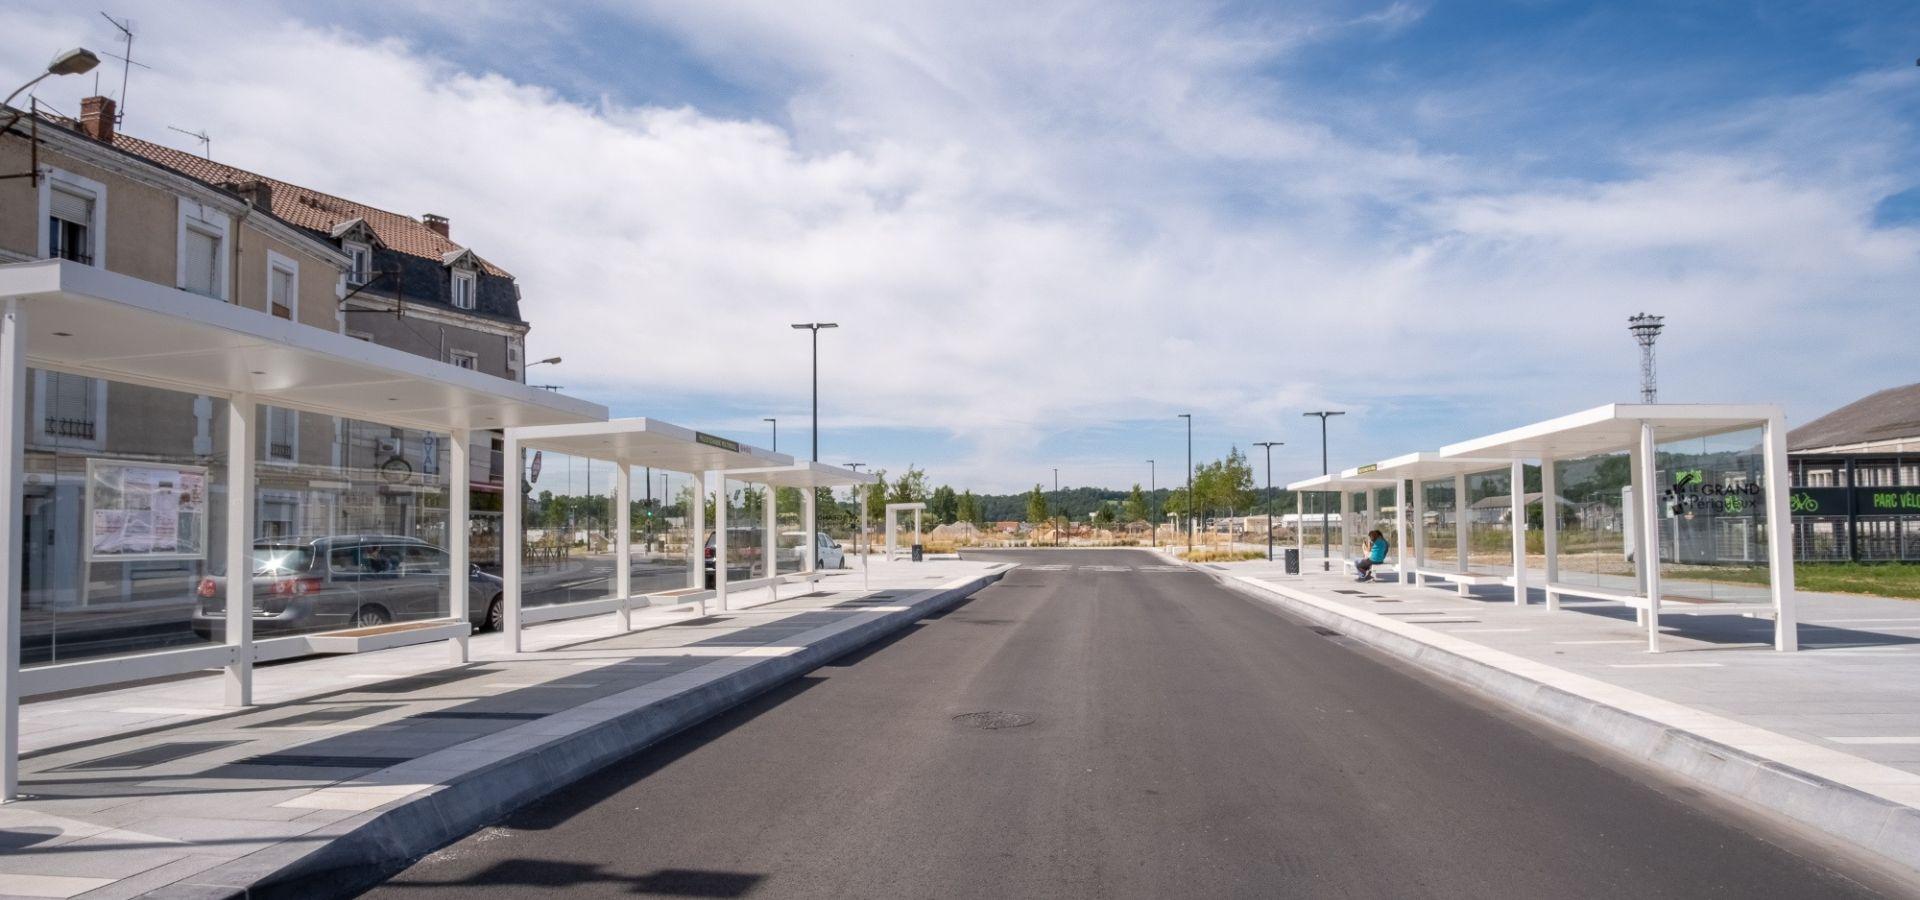 Mobilier Urbain Abris Bus, Abris voyageurs pôle gare Périgueux - fabricant Metalco